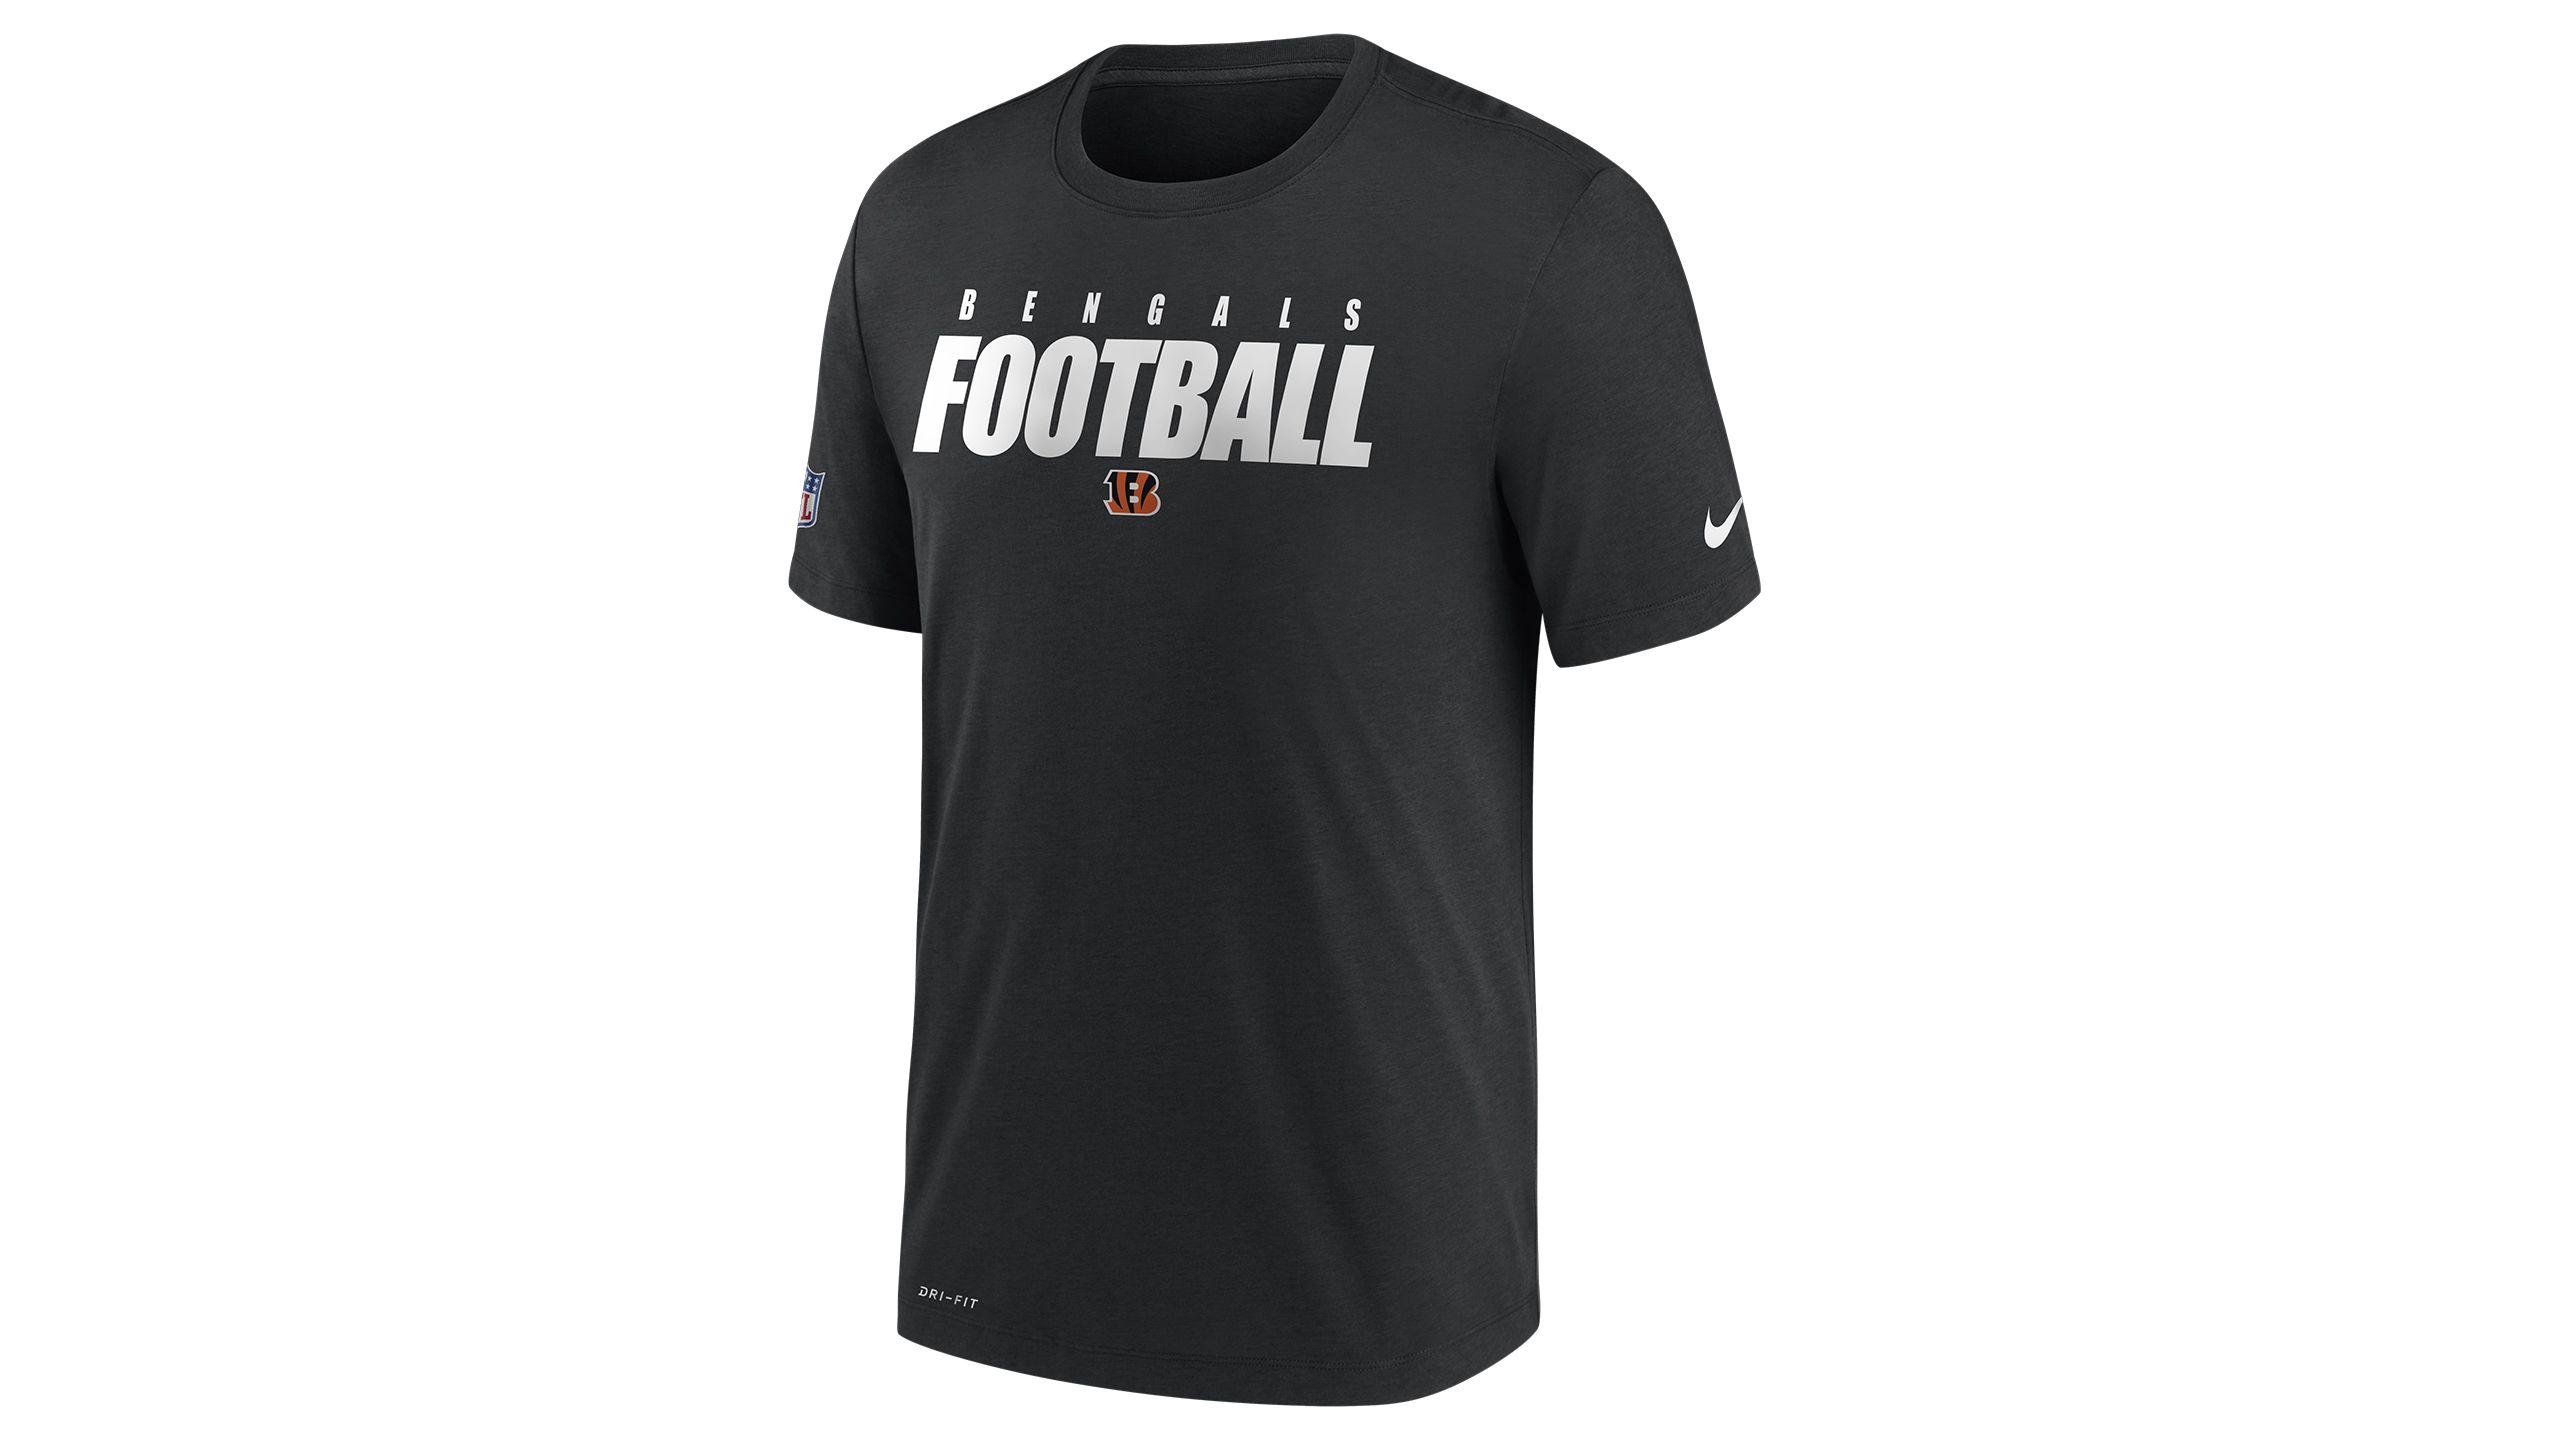 Nike Football Tee Black